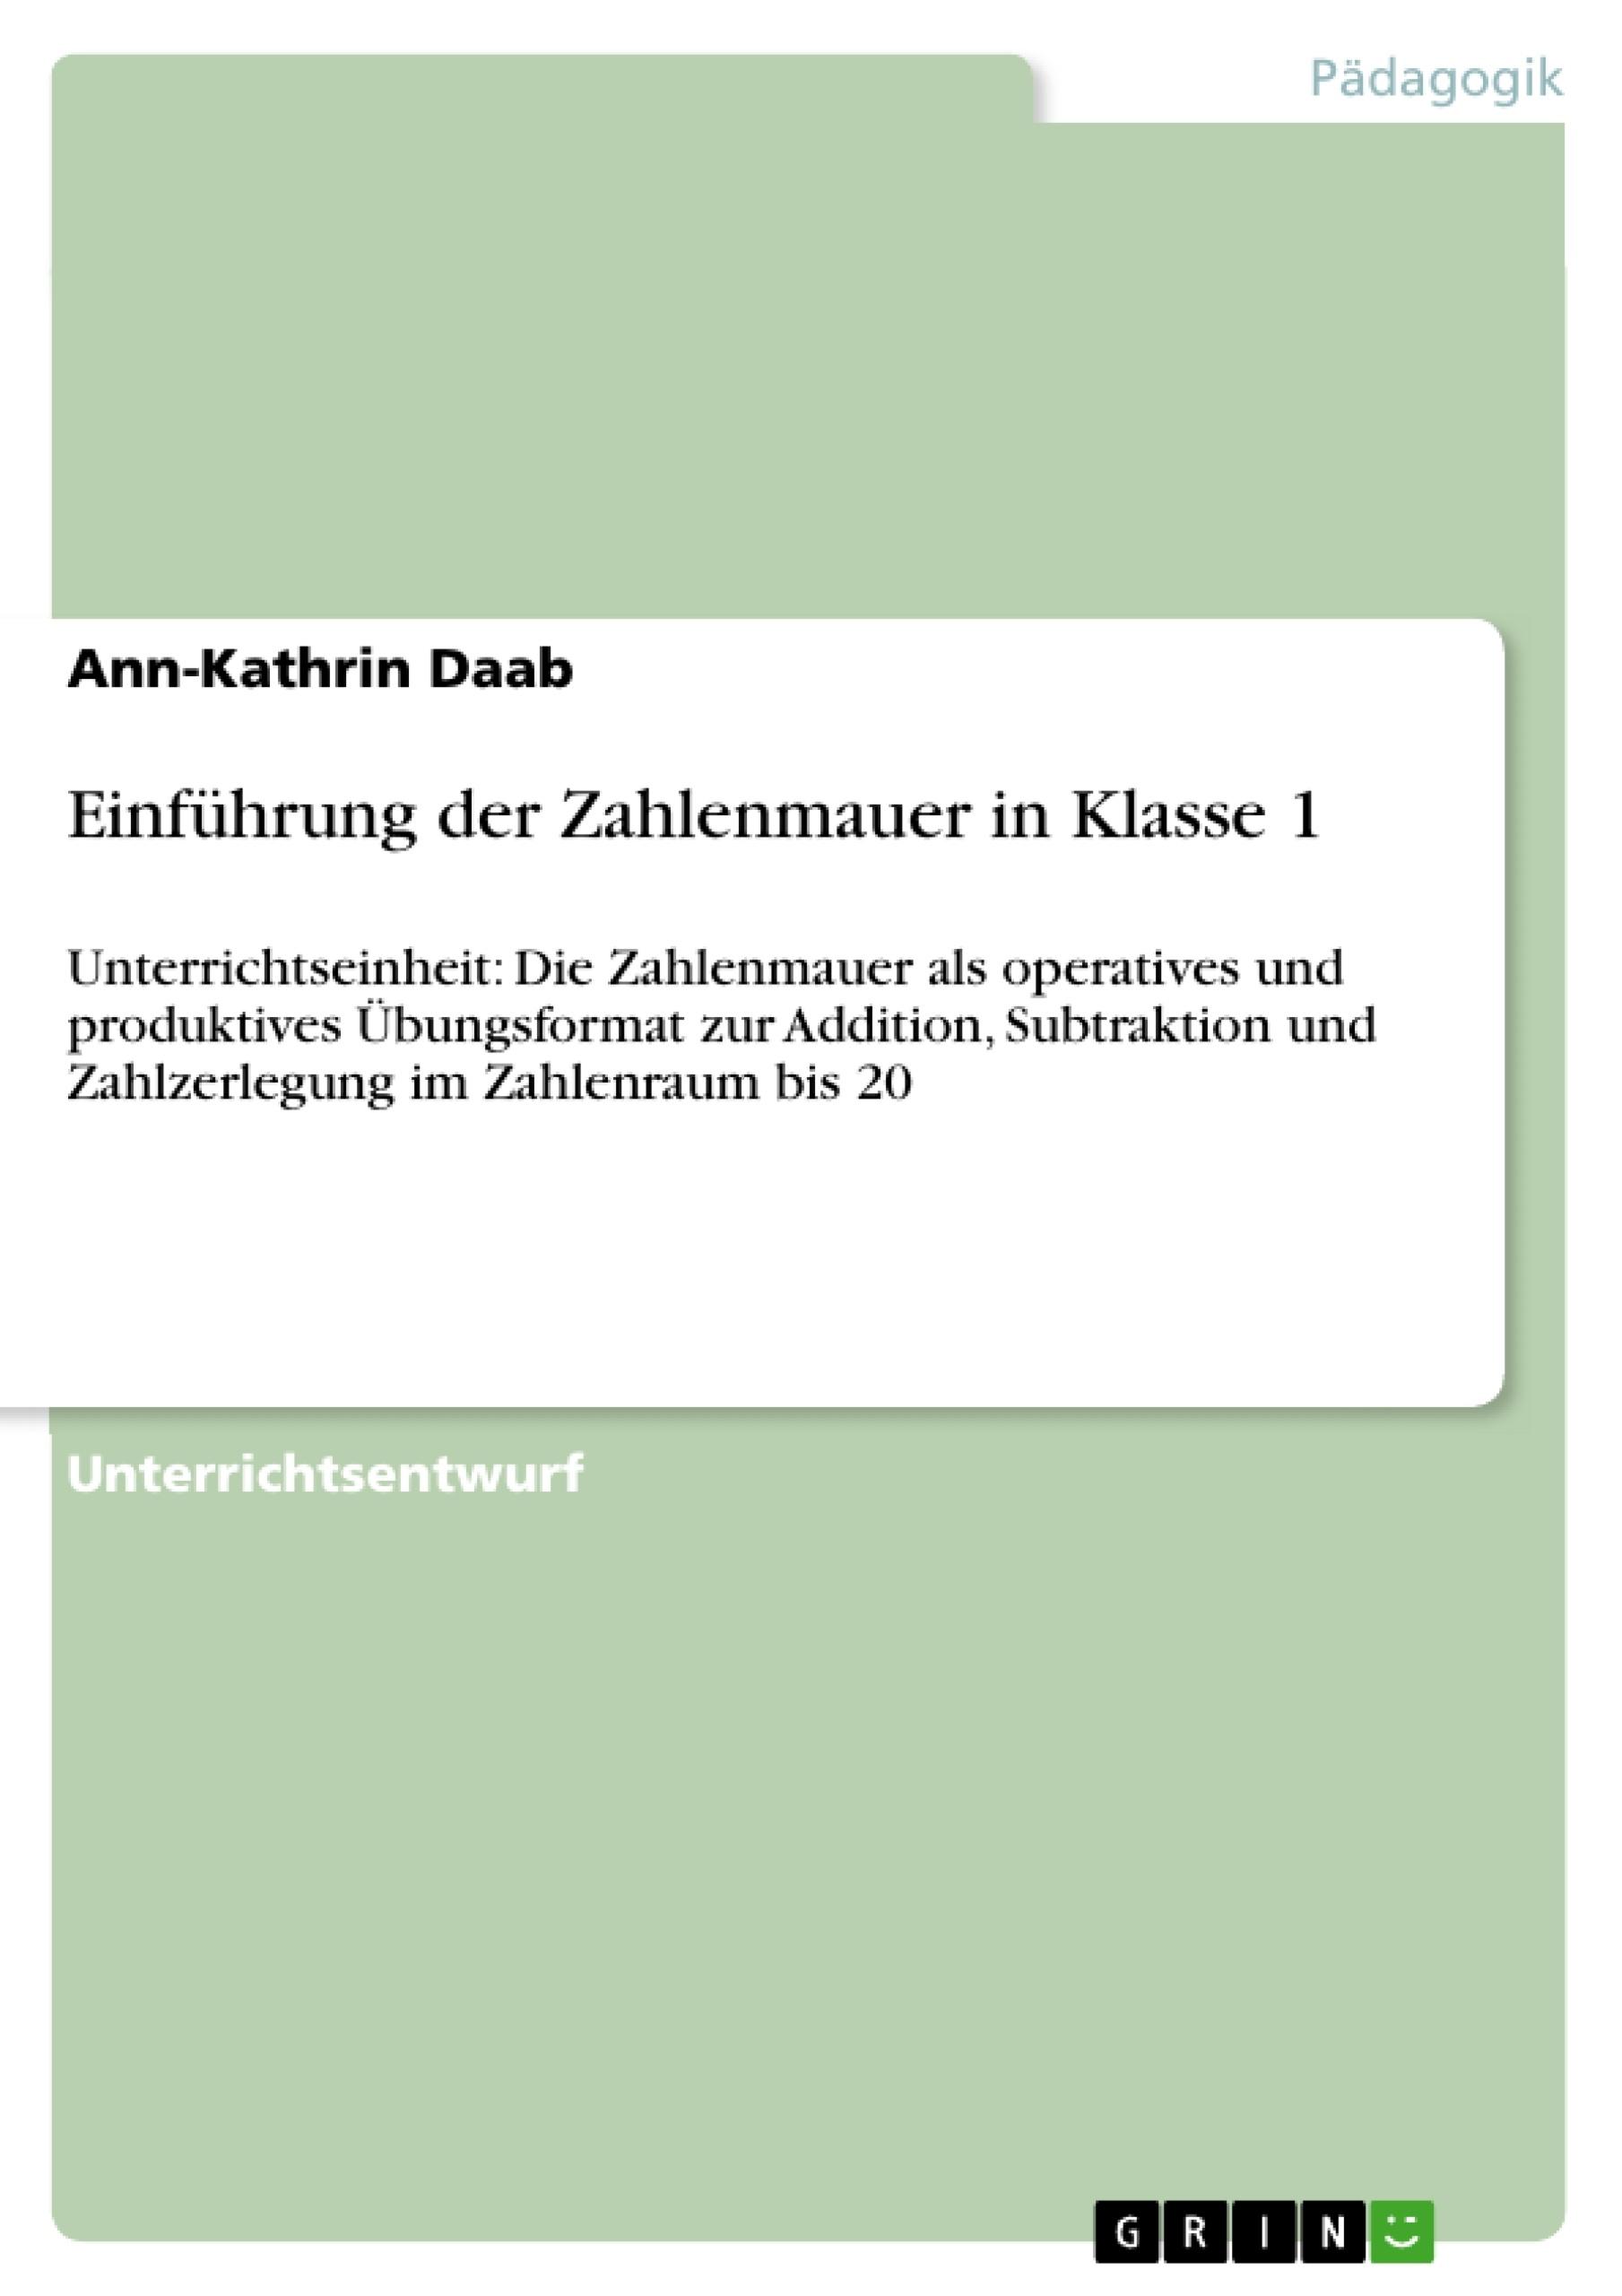 Titel: Einführung der Zahlenmauer in Klasse 1